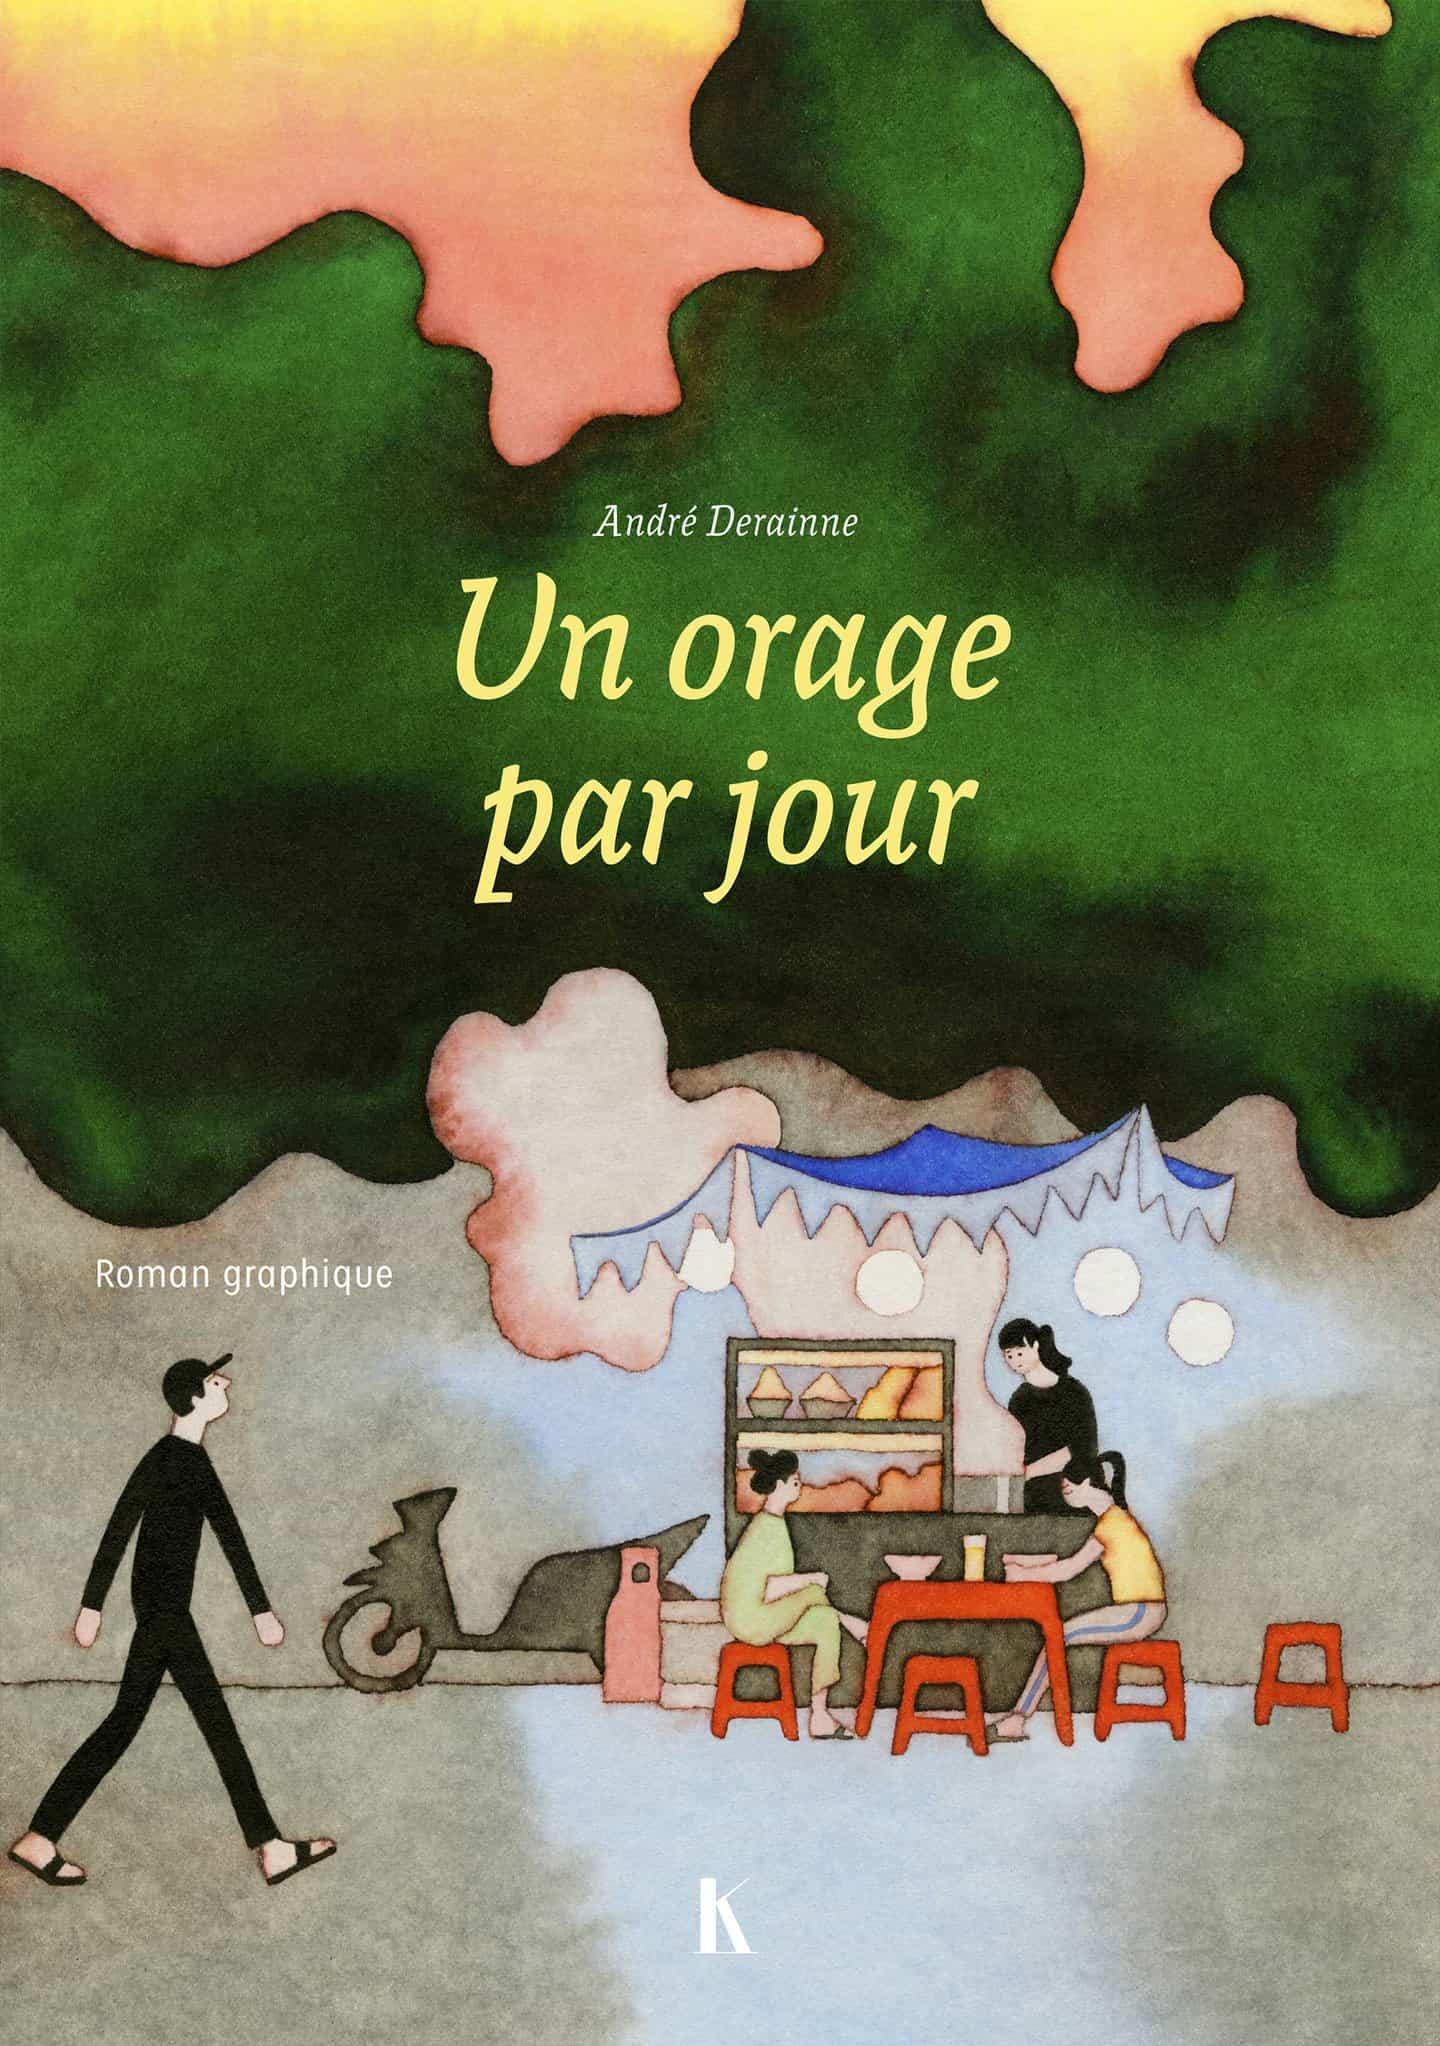 El nuevo cómic de André Derainne es una colorida excursión a la comida, la cultura y la arquitectura de Ho Chi Minh.